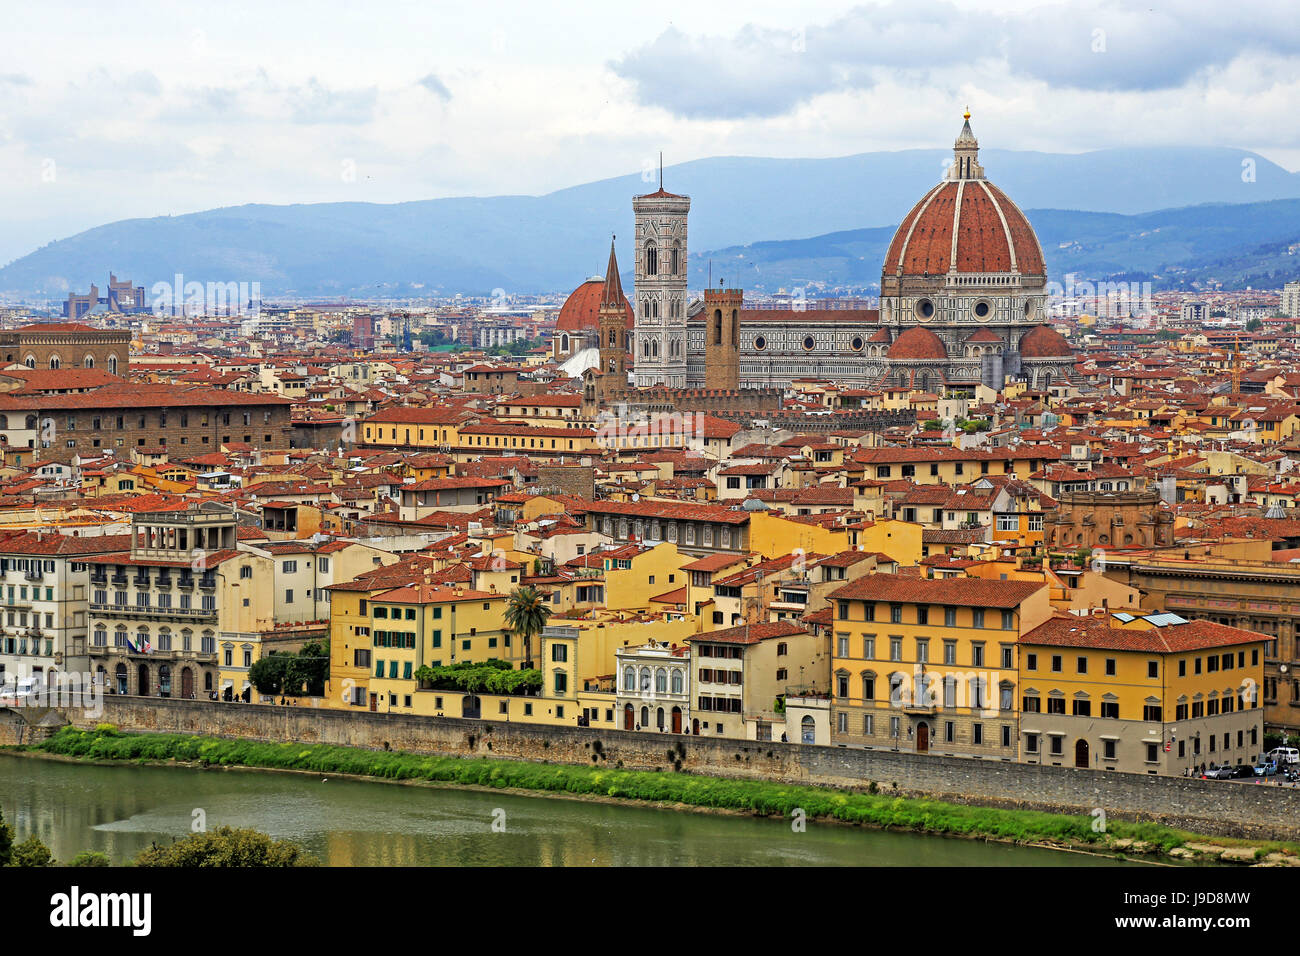 Florence, UNESCO World Heritage Site, Tuscany, Italy, Europe - Stock Image